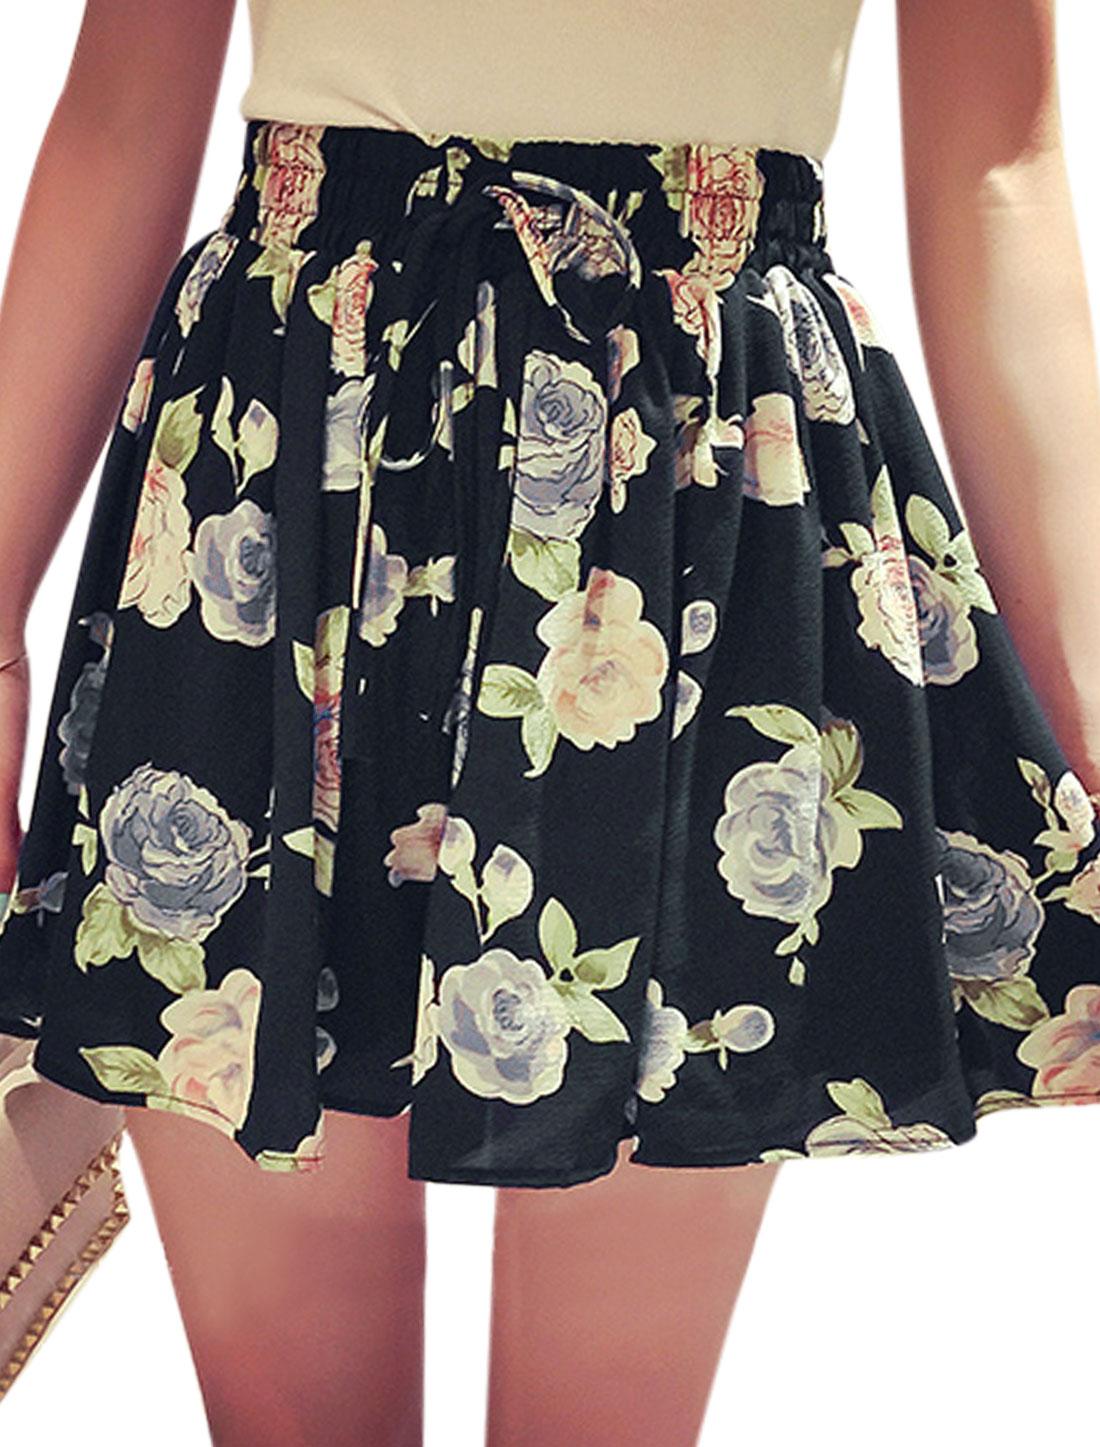 Lady Waist Self Tie Bowknot Decor Flower Prints Skorts Pink Black XS